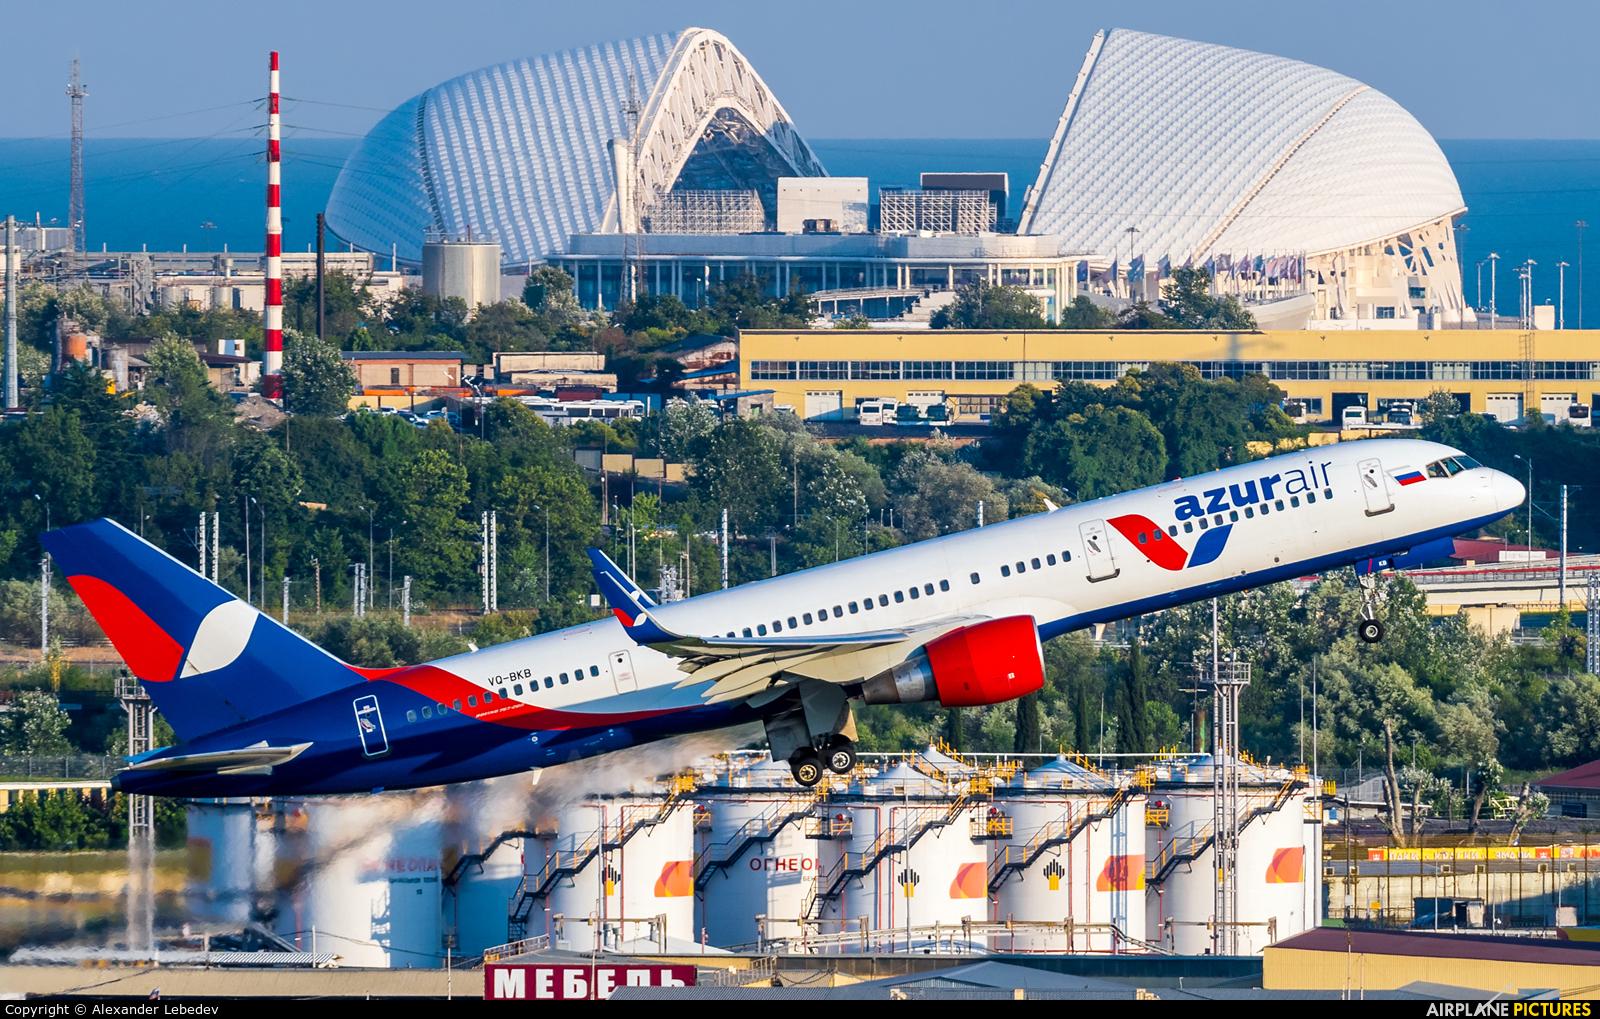 AzurAir VQ-BKB aircraft at Sochi Intl